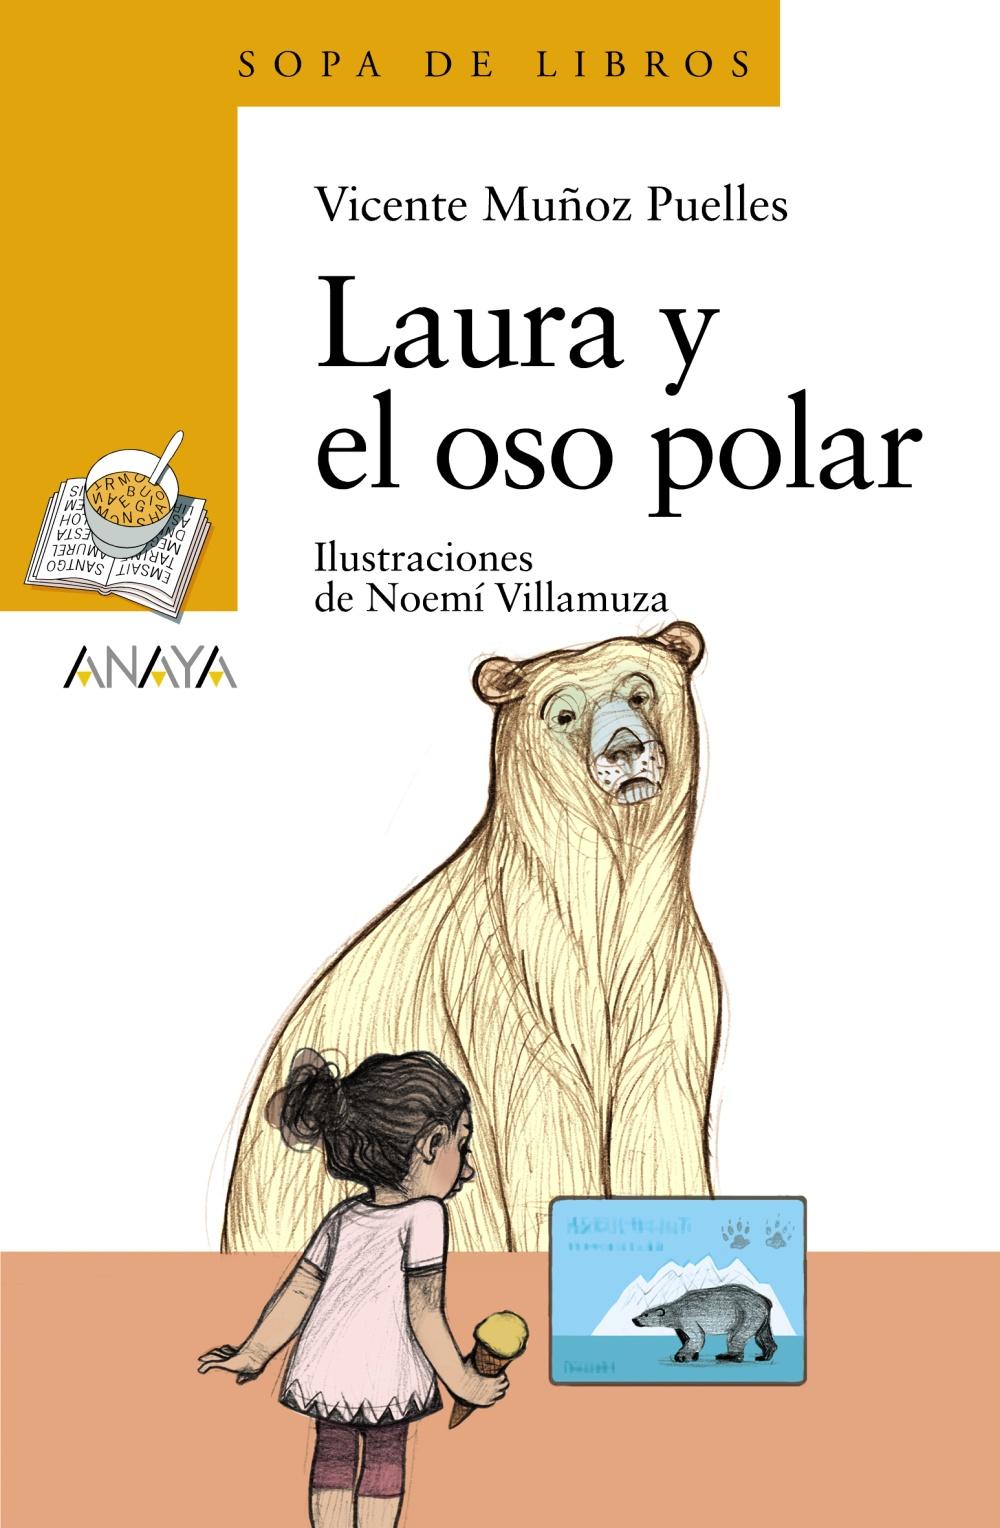 Laura y el oso polar (Tapa blanda)